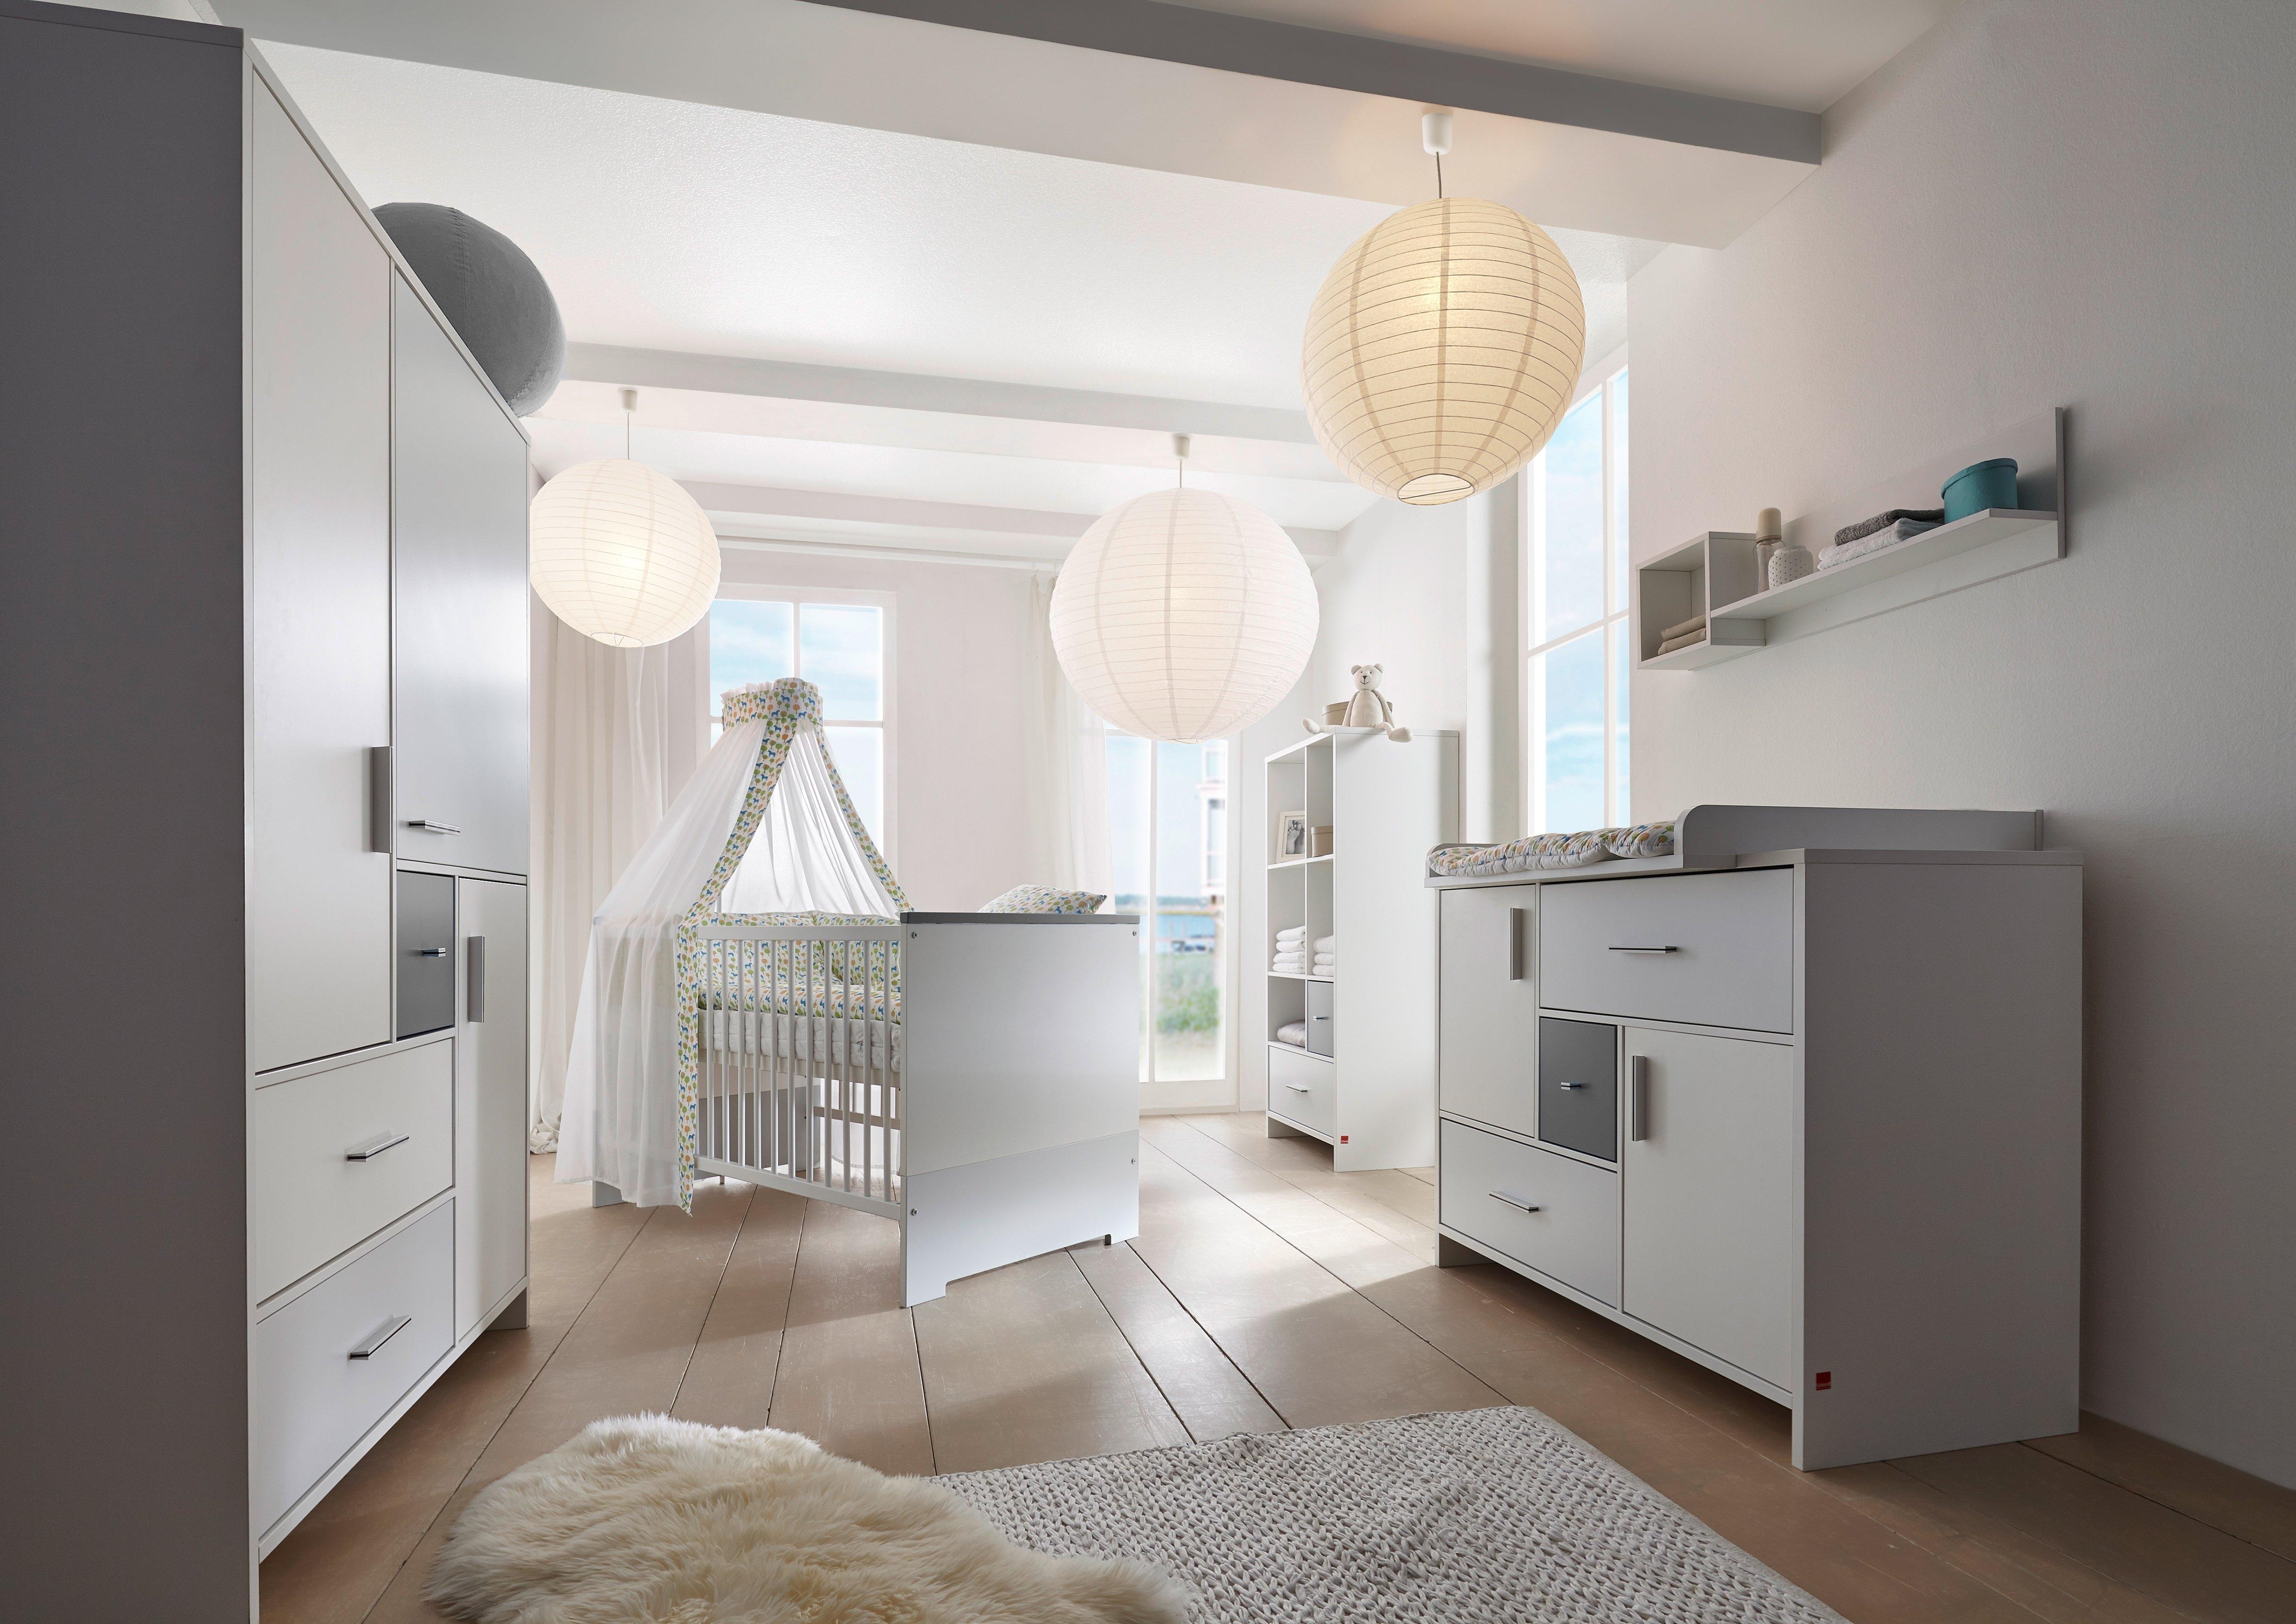 Schardt complete babykamerset Candy grey Made in Germany; met kinderbed, kast en commode (set, 3 stuks) goedkoop op otto.nl kopen